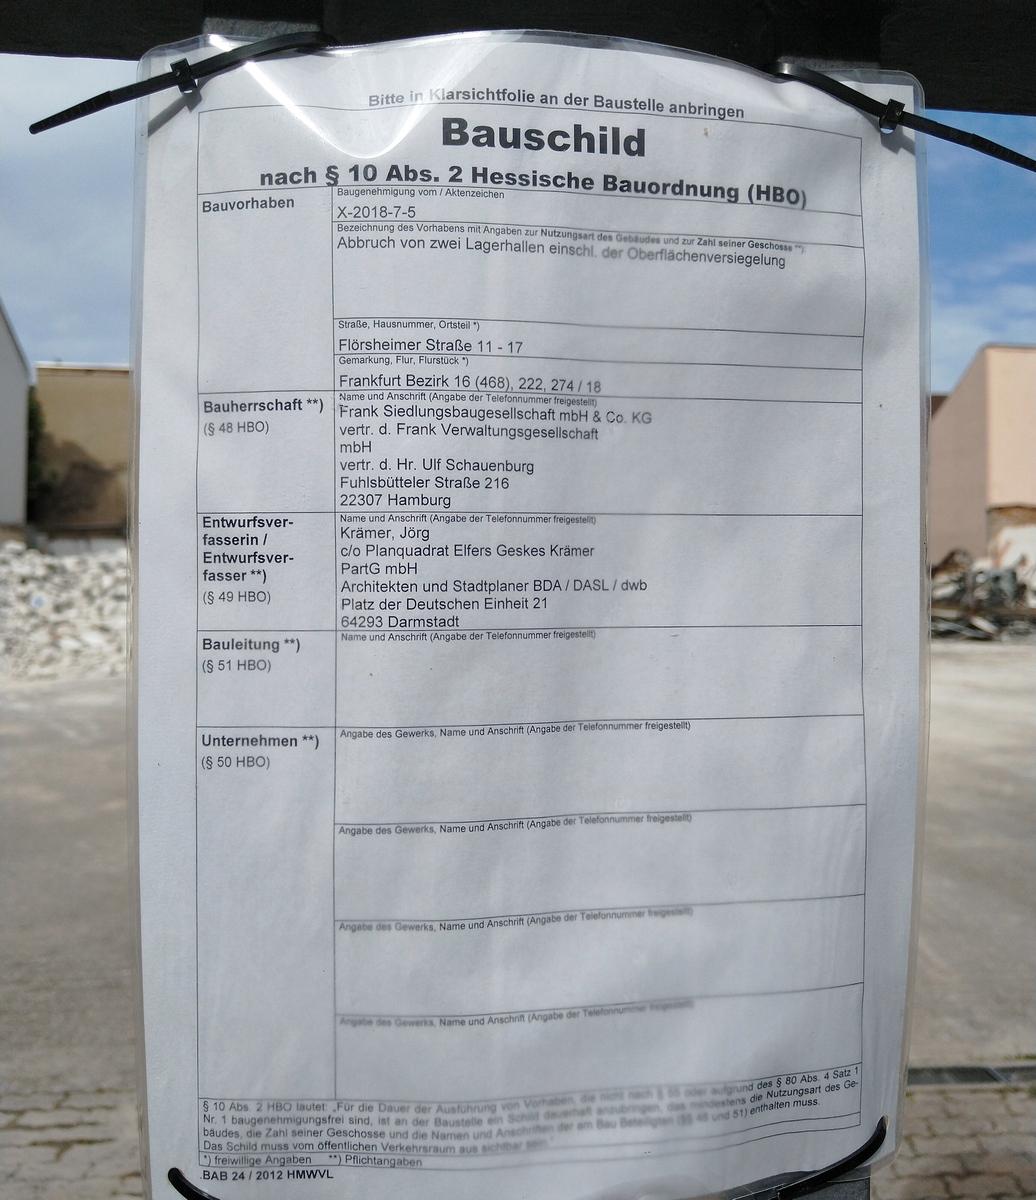 Bild: https://www.deutsches-architektur-forum.de/pics/schmittchen/4470_floersheimer_11-17_frank-projekt.jpg